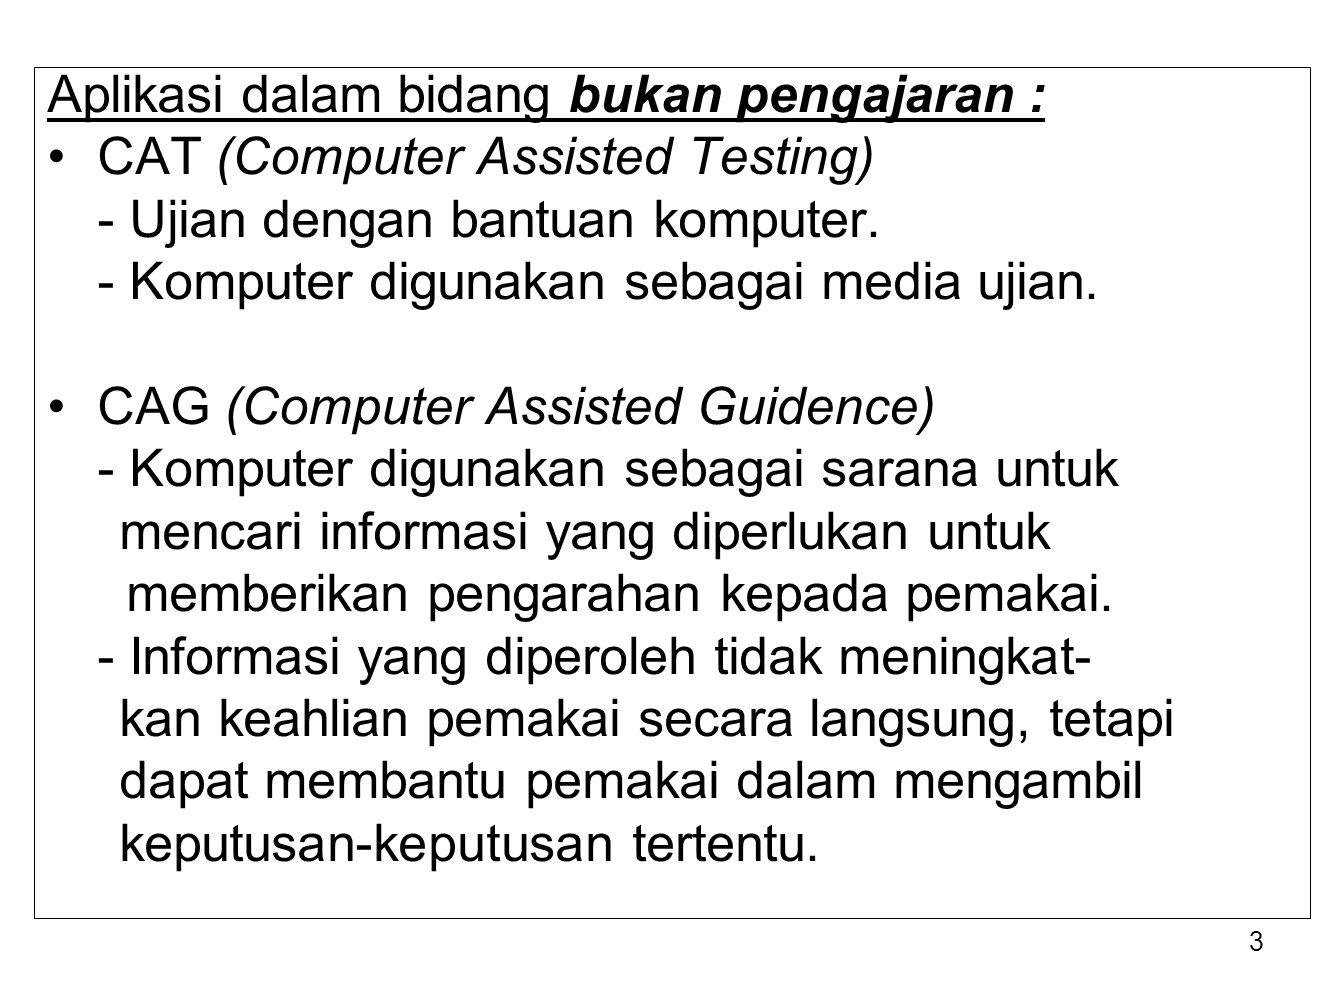 4 CMI (Computer Managed Instruction) - Komputer digunakan untuk merencana- kan kuliah, dan dapat digunakan untuk memantau prestasi siswa dan membuat laporan secara teratur.